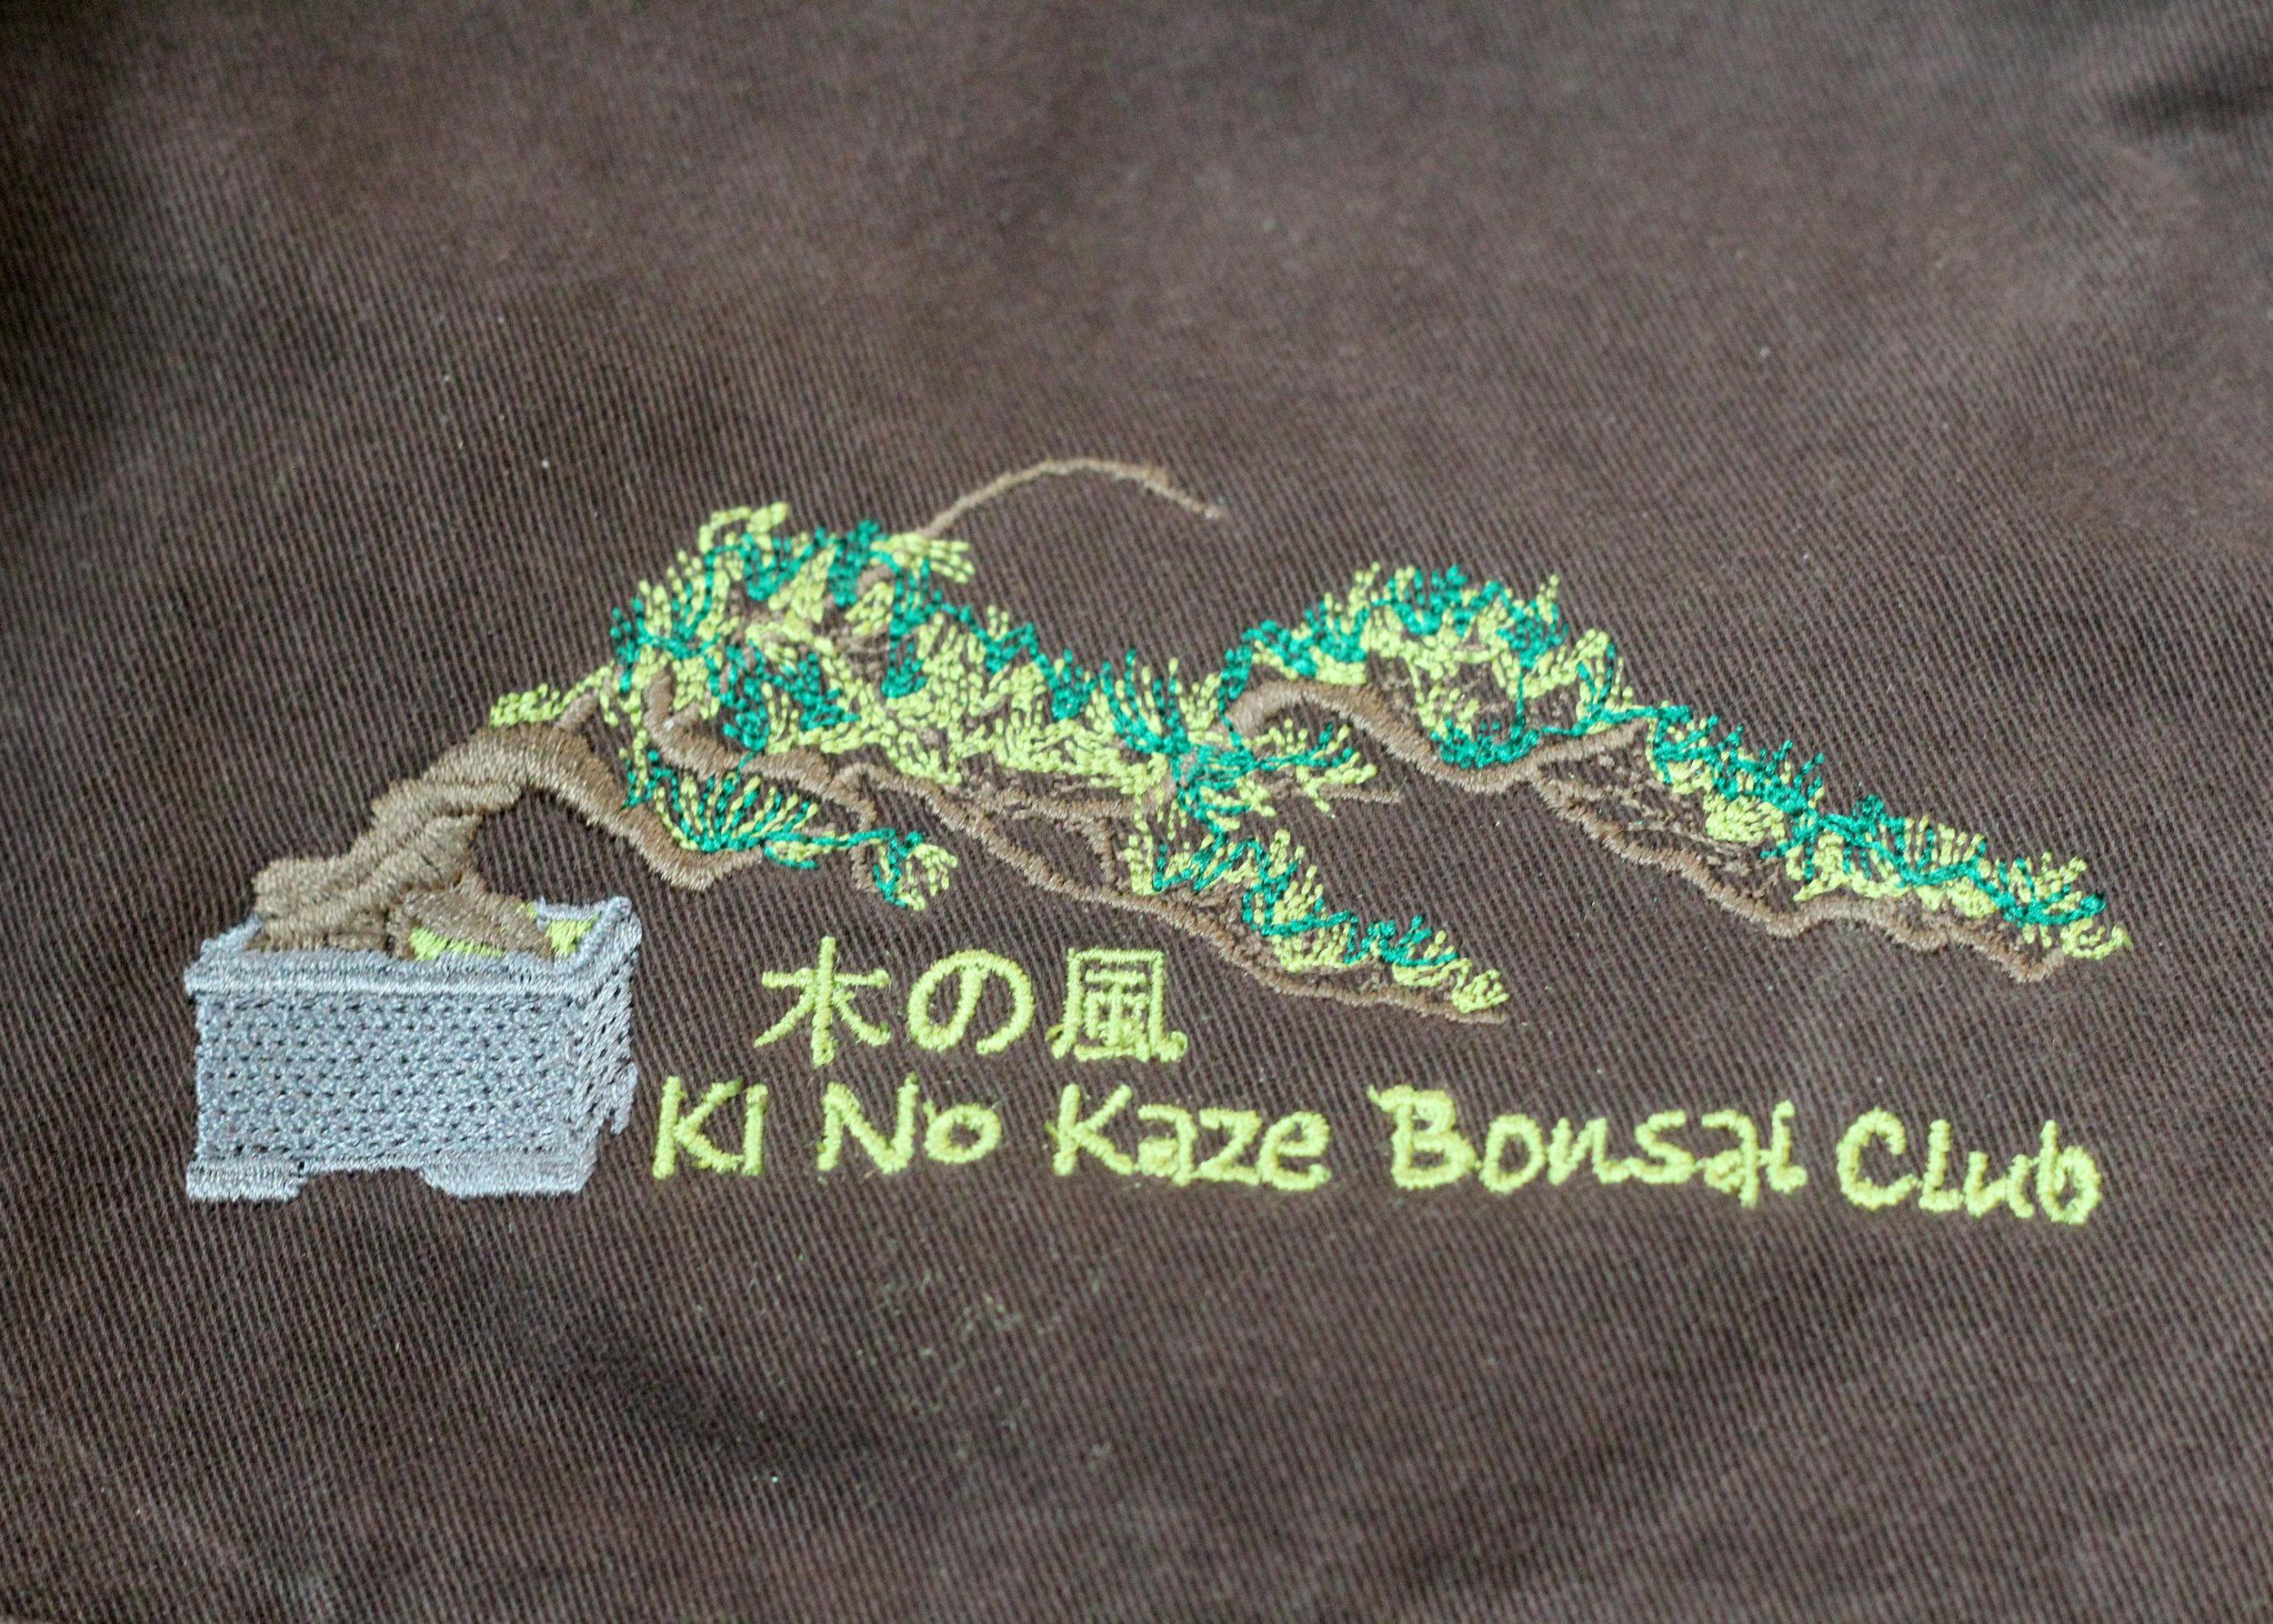 Bonsai Club